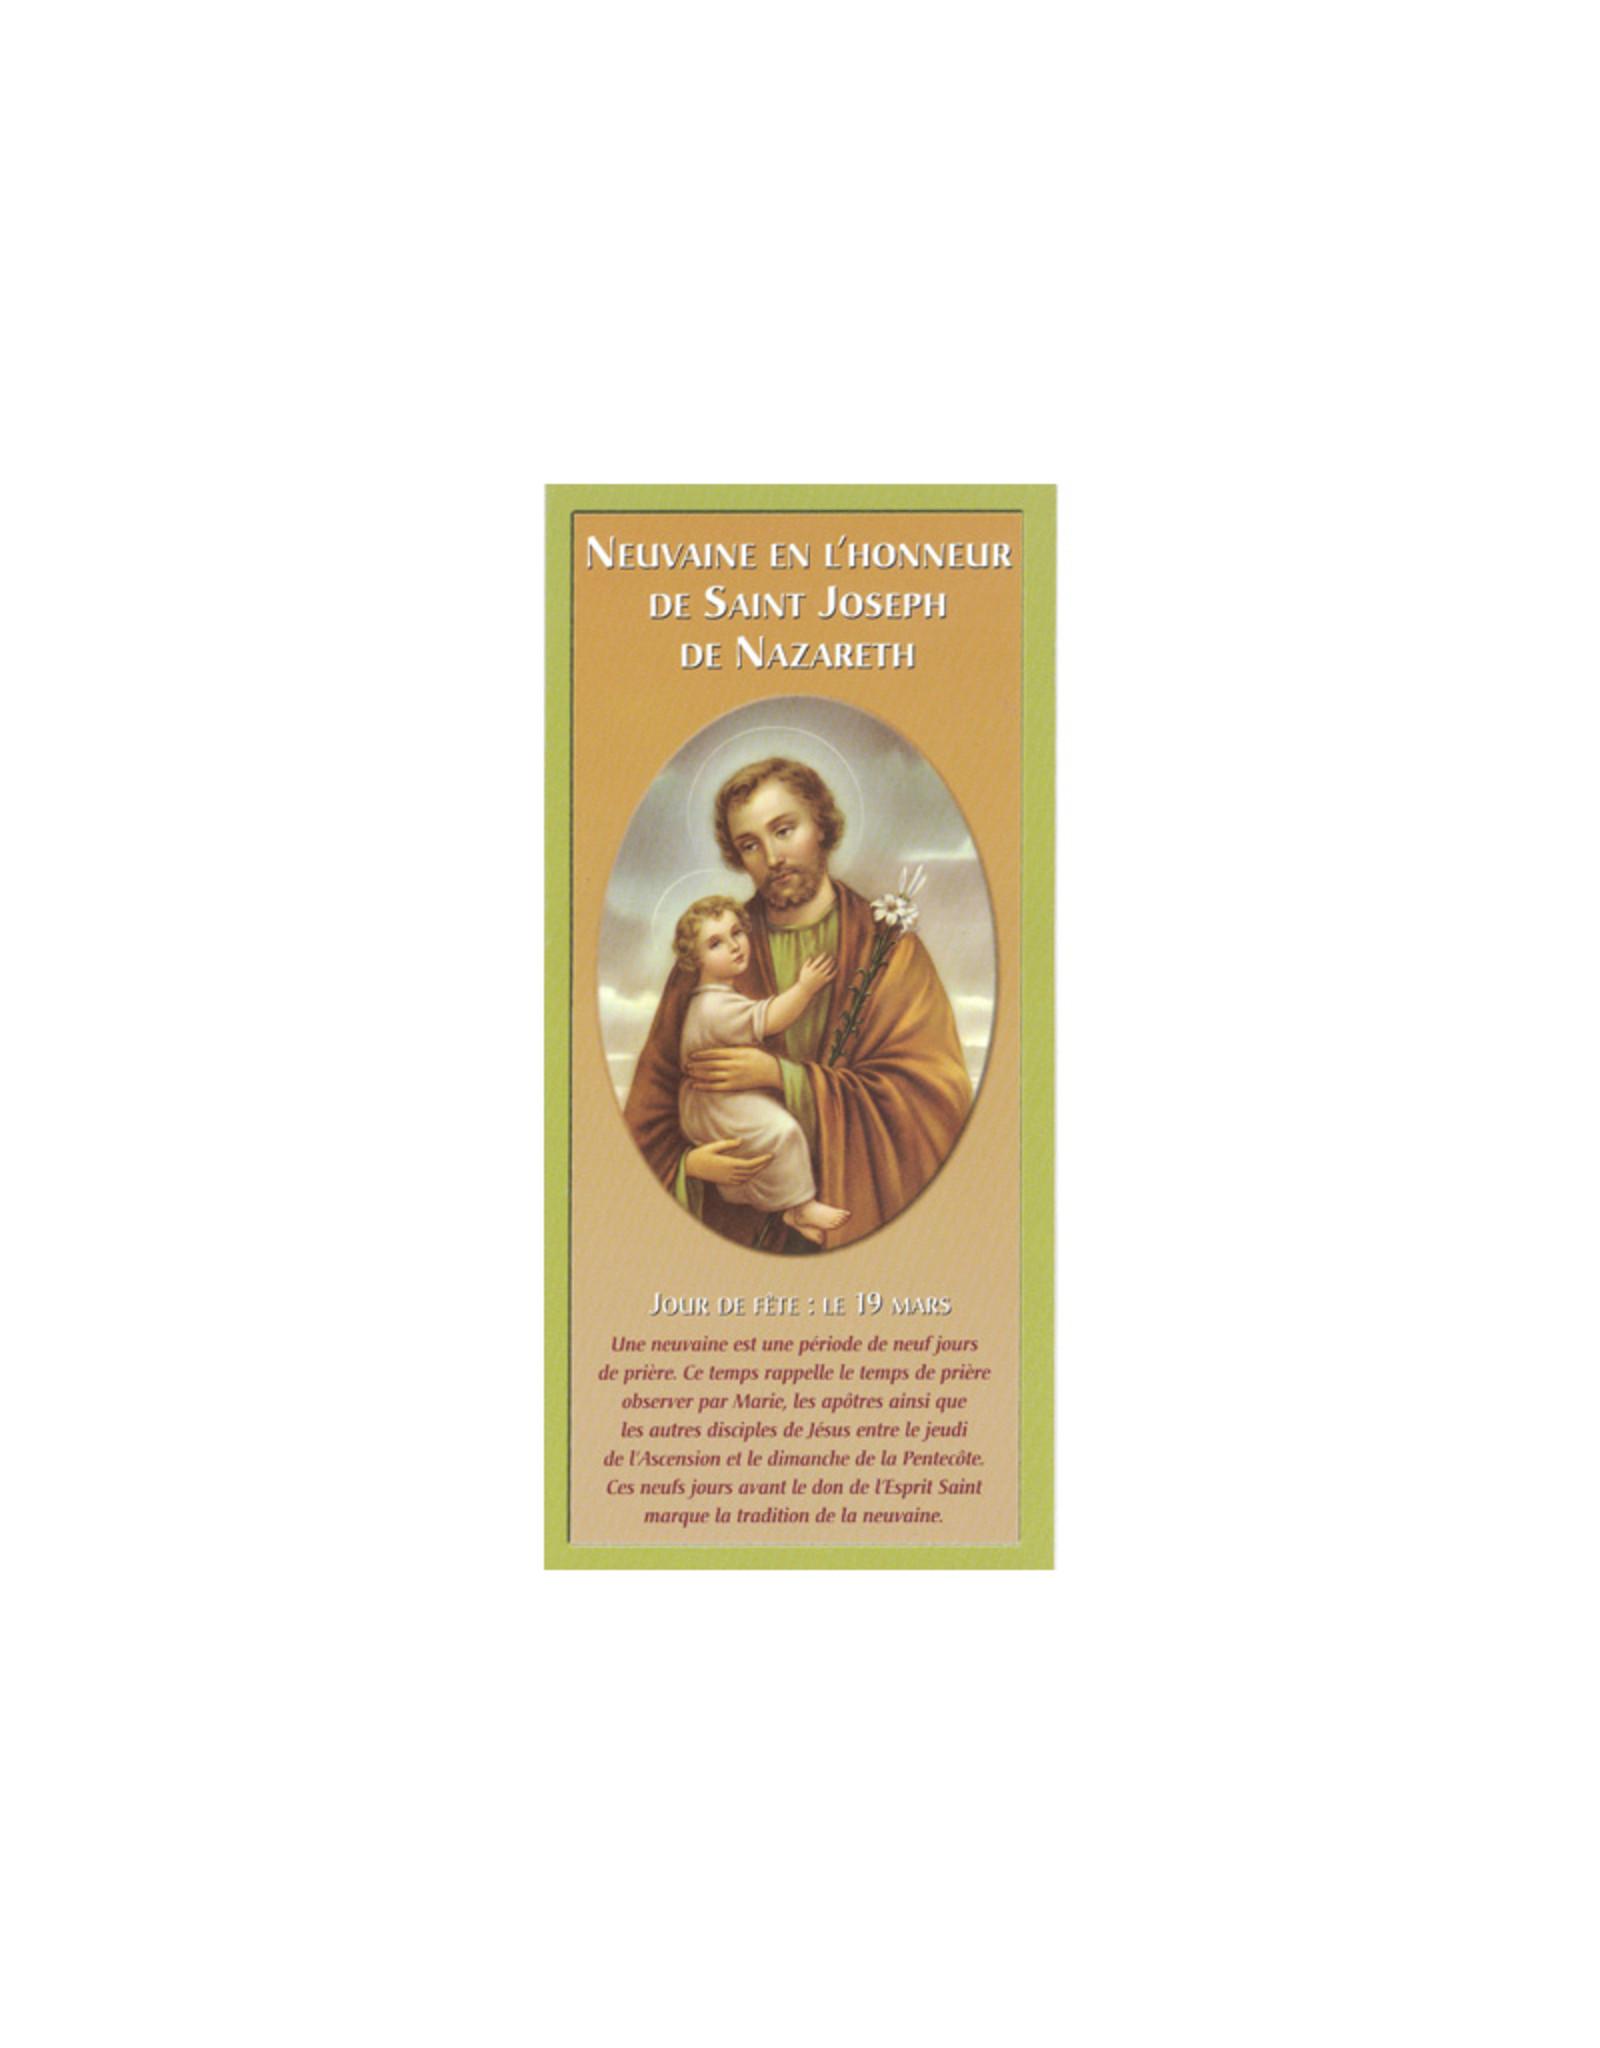 Neuvaine en l'honneur de saint Joseph (leaflet in french)